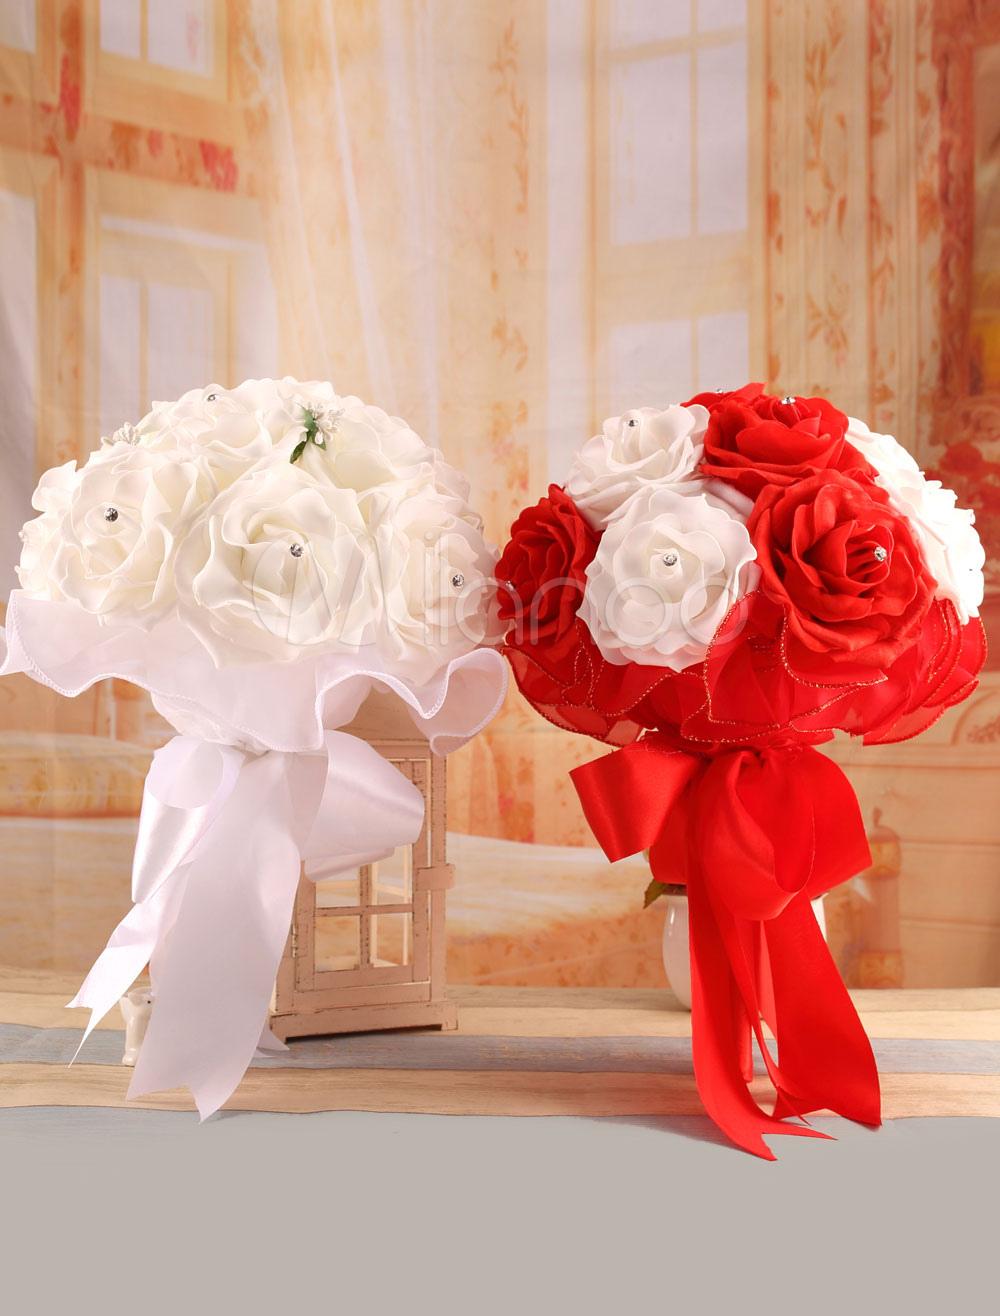 Rose Wedding Bouquet Rhinestone Studded Satin Bridal Flower ( 37 Cm X 25 Cm)